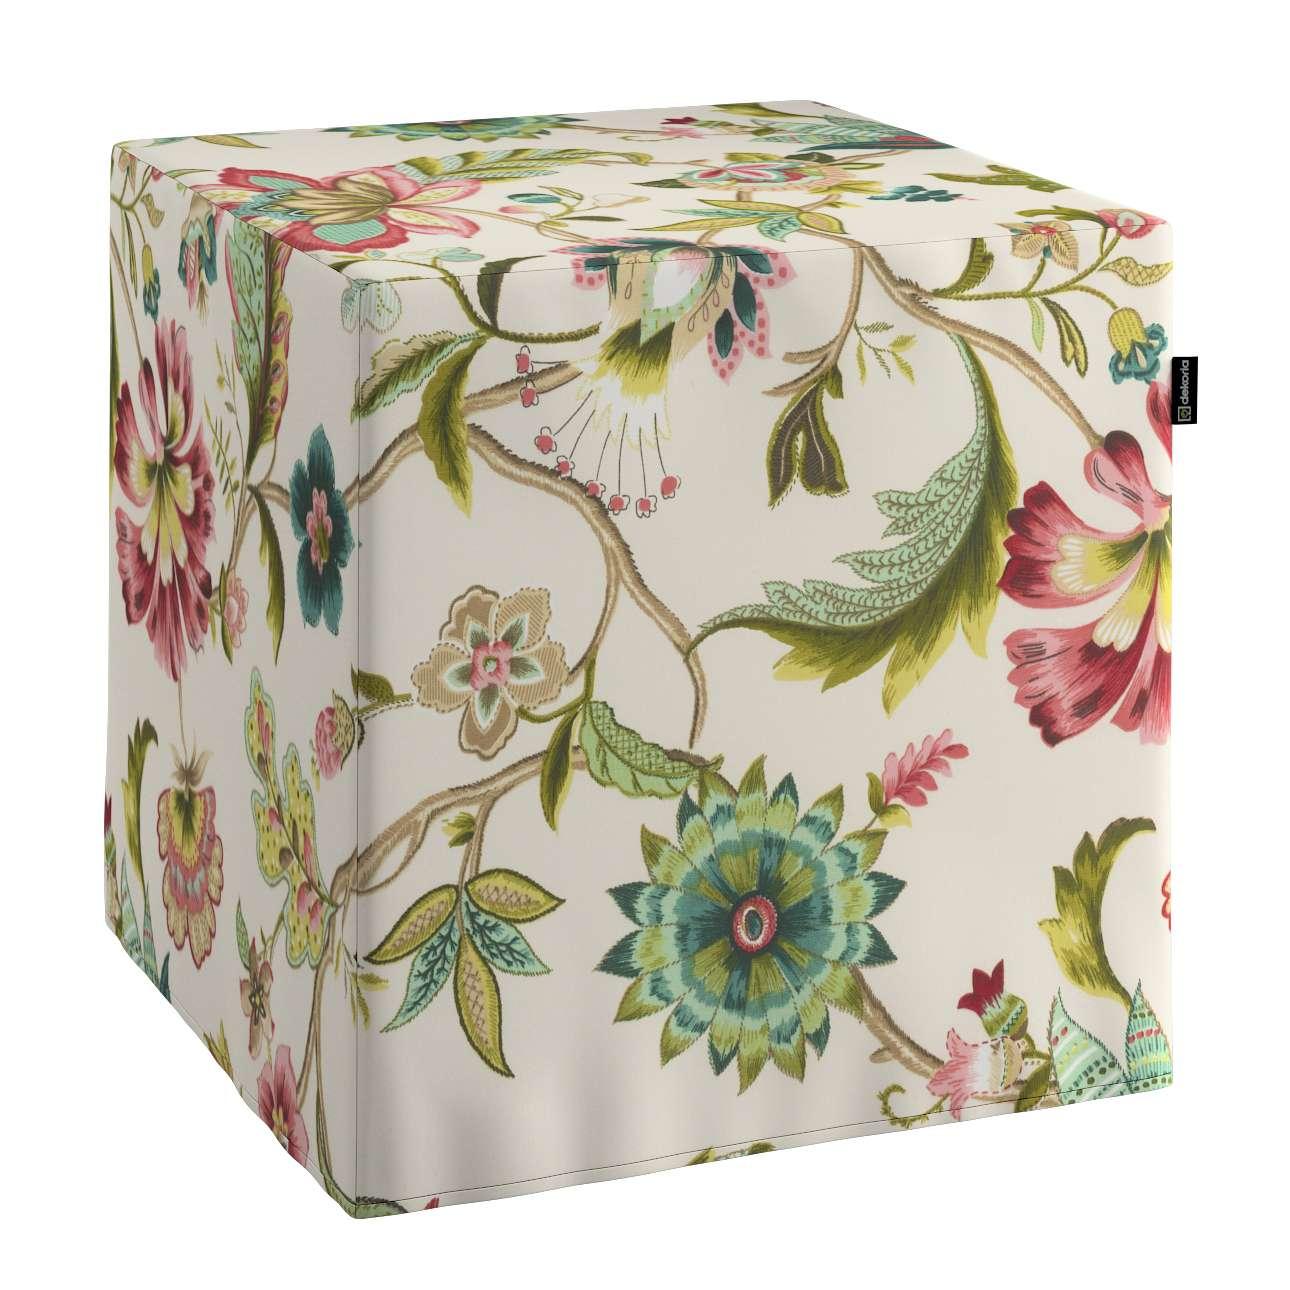 Taburetka tvrdá, kocka V kolekcii Londres, tkanina: 122-00